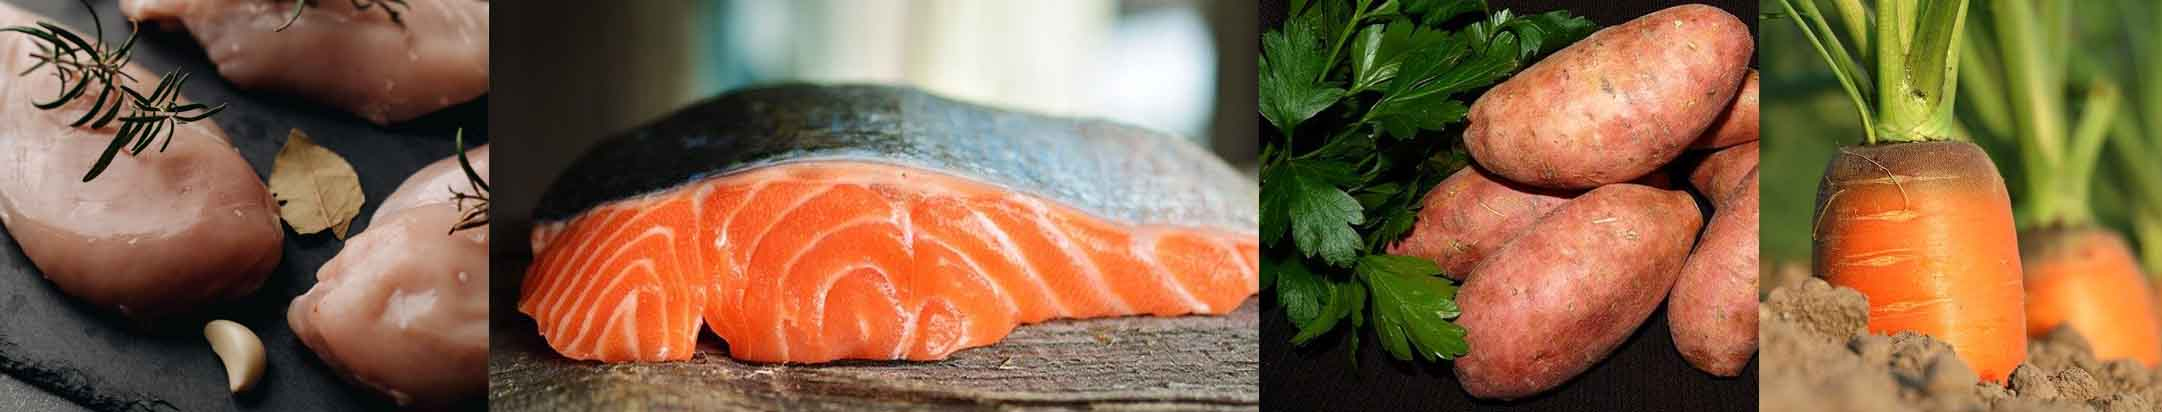 croquettes chien poulet saumon patate douce carotte